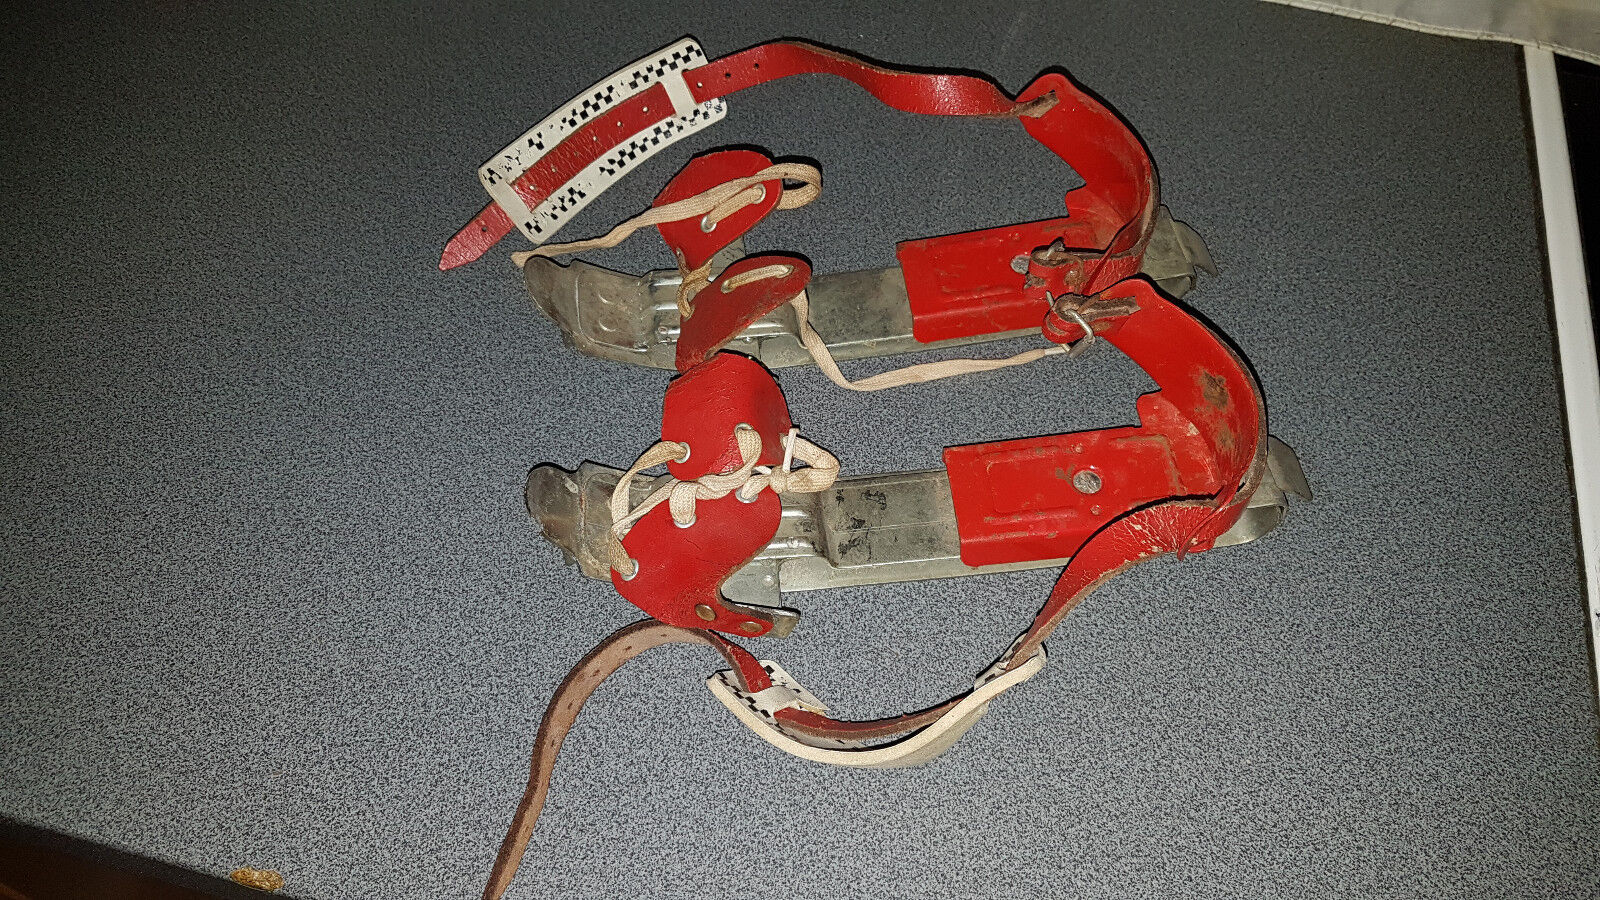 Kinder Gleitschuhe Schneegleiter Schuhgröße bis 23 cm